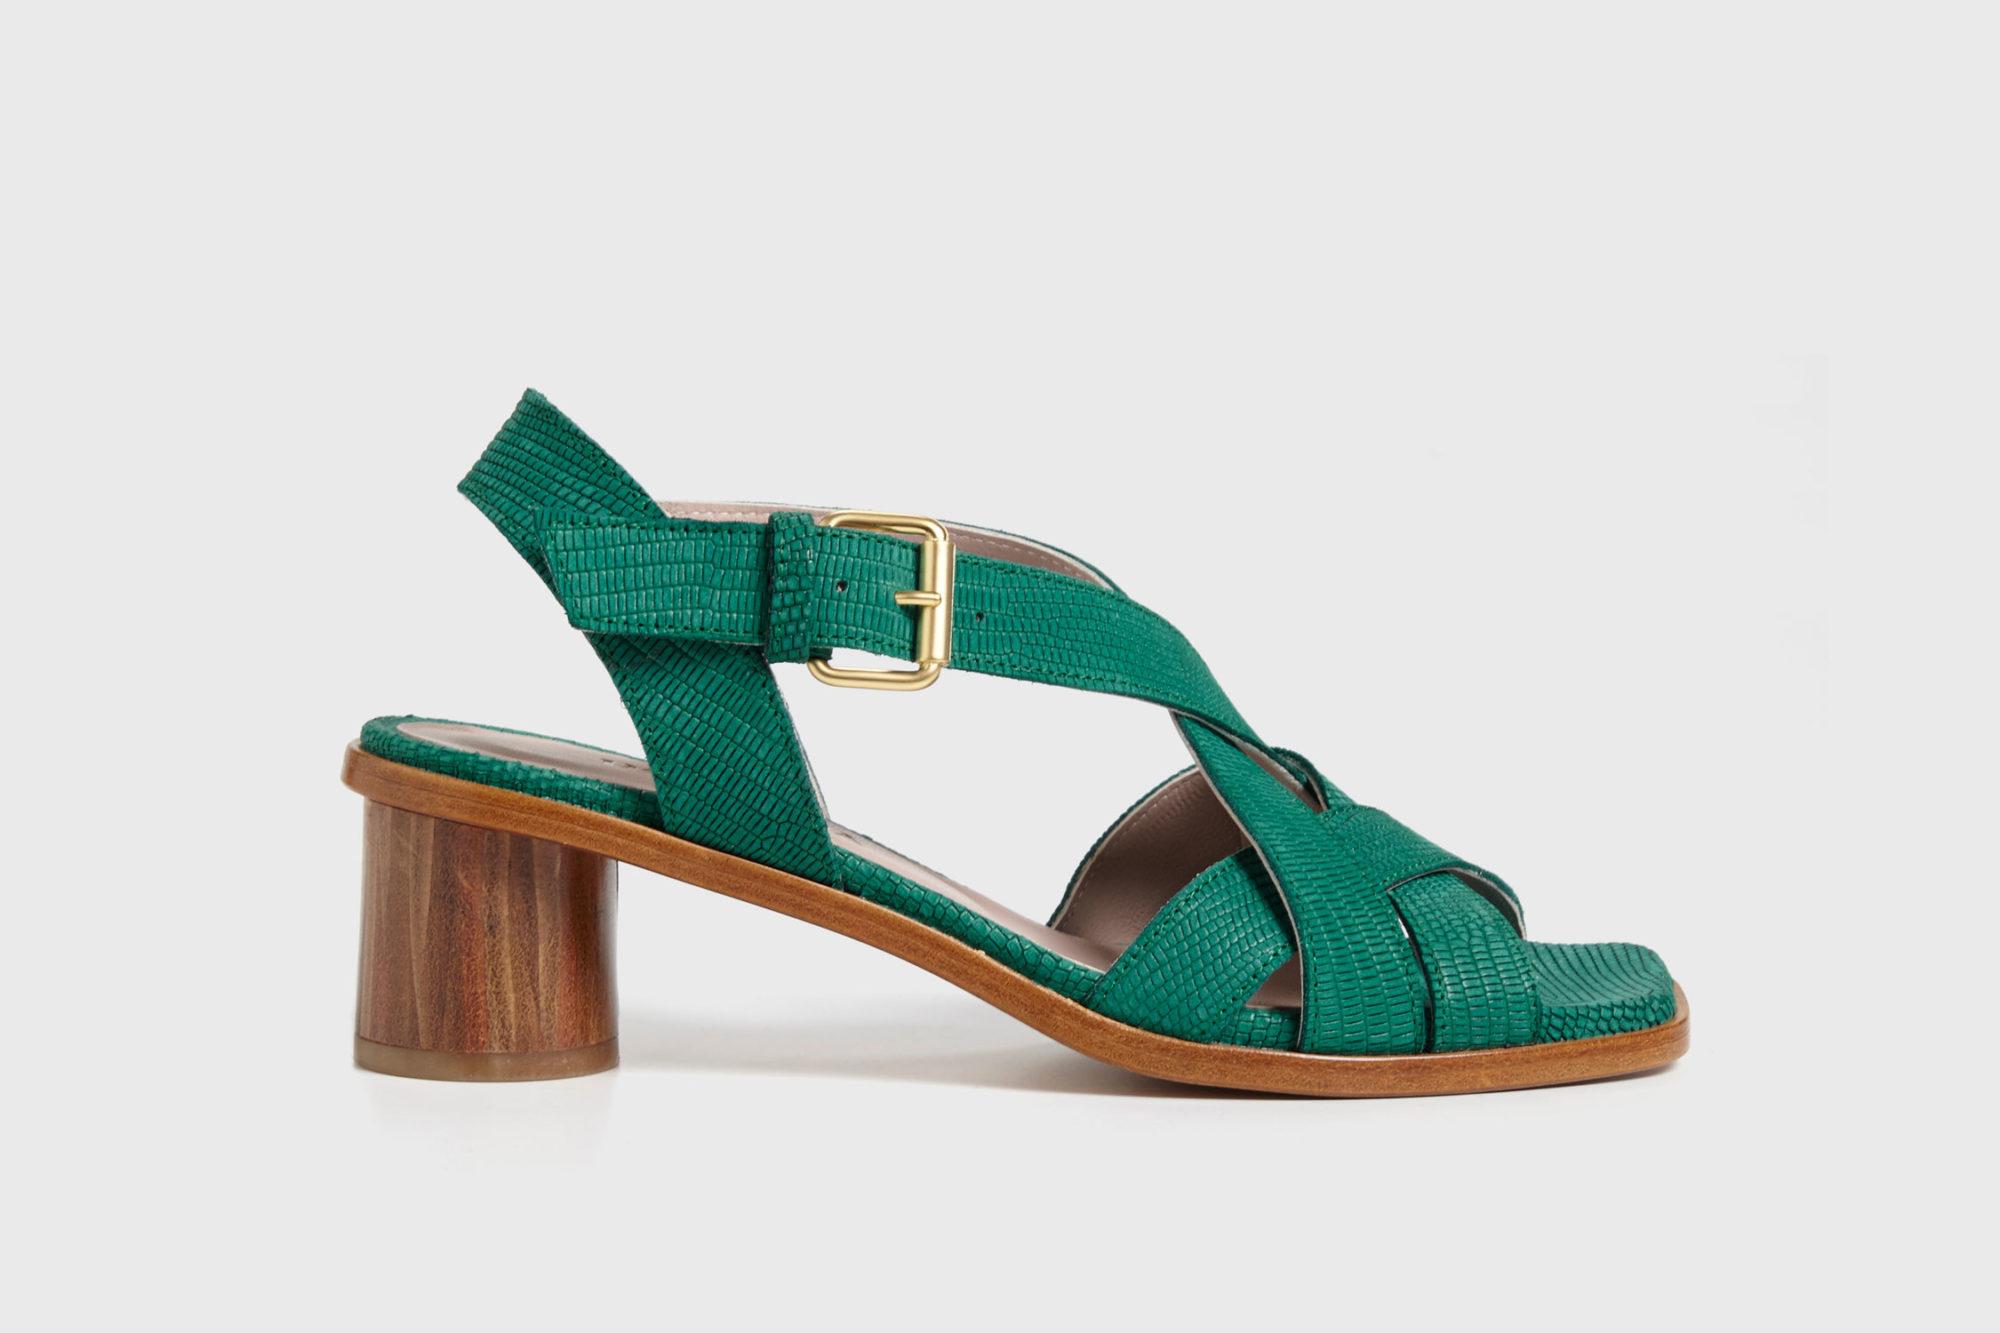 Dorotea sandalia de tacón medio Jeanne verde ss17 perfil